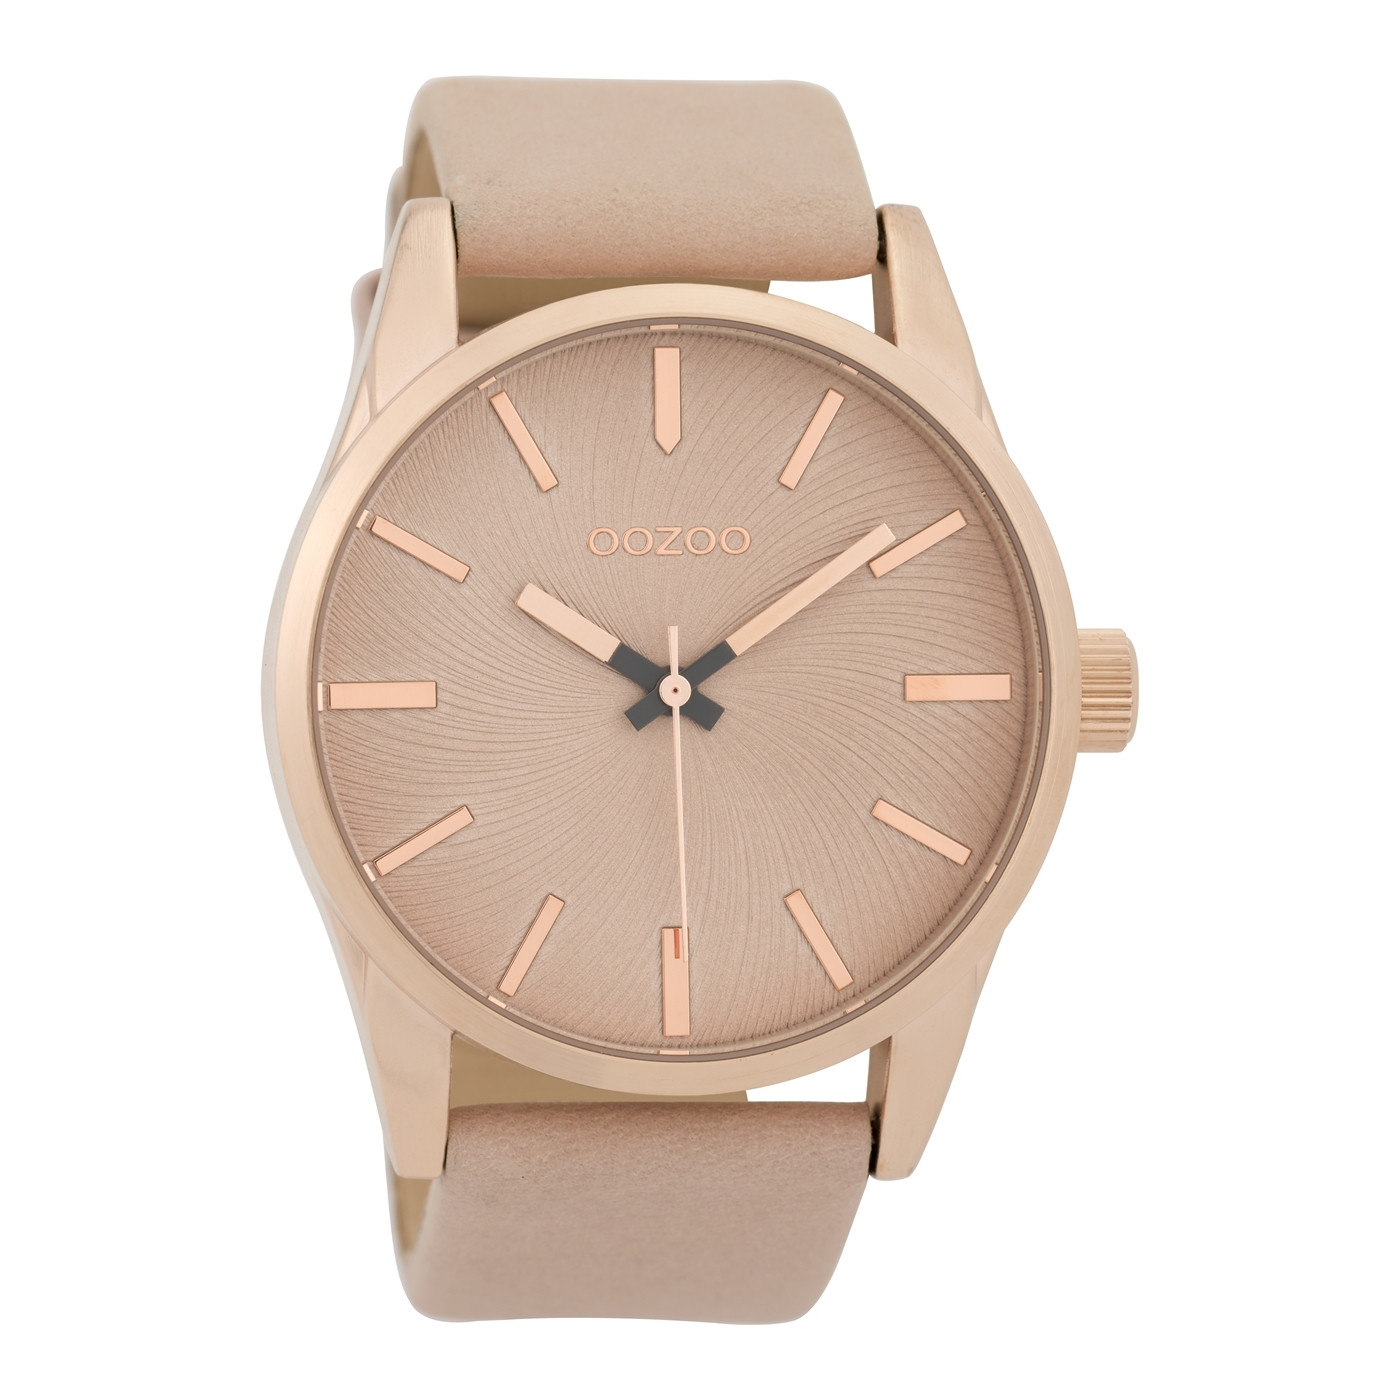 OOZOO Timepieces Pinkgrey horloge C9626 (45 mm)